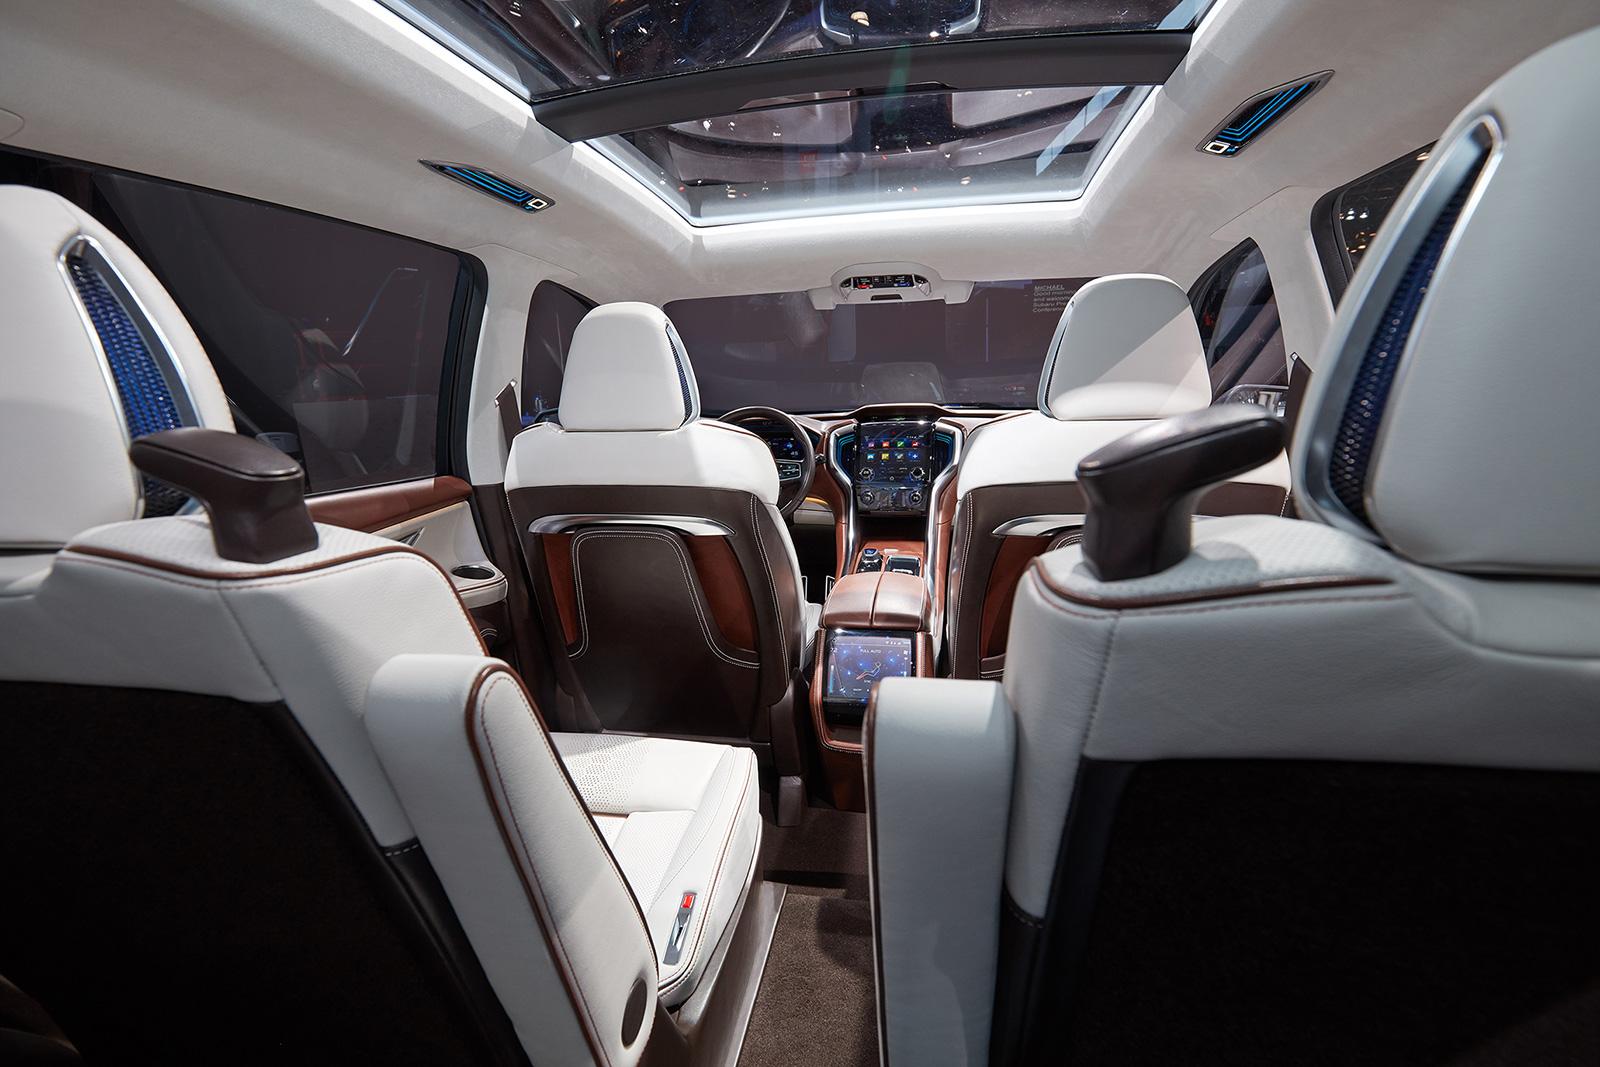 Subaru Suv 2017 >> アセント:スバル 北米市場専用新型3列SUVはアセント/ASCENT | スバルボイス/subaru voice 自由に情報をデザインするキュレーション